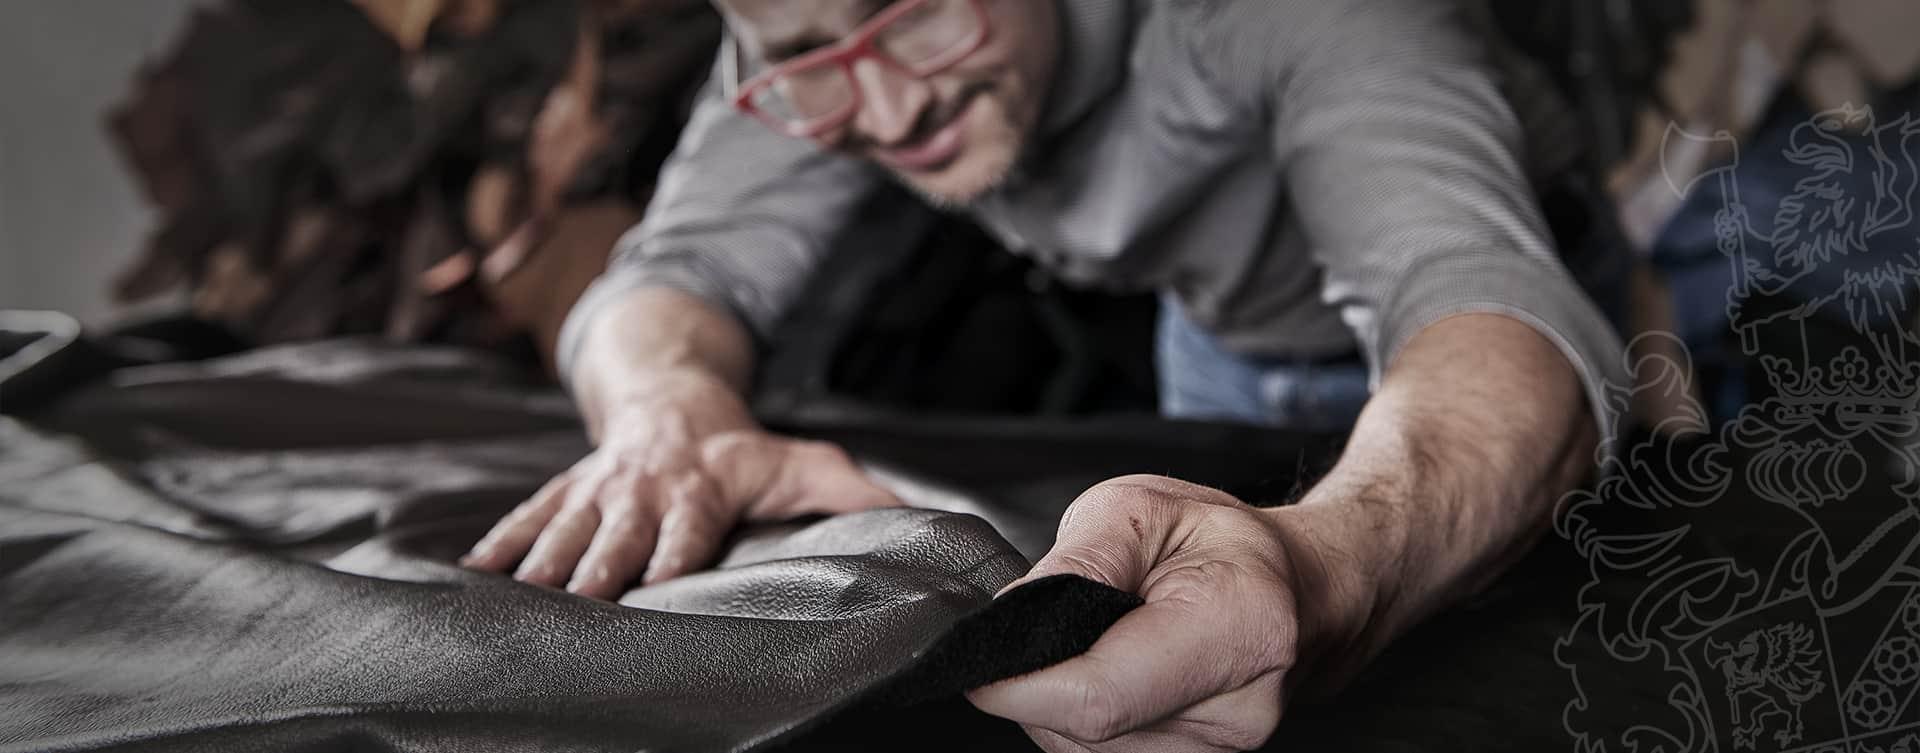 Hier ist Michael Hackner, Sohn des Seniorchefs Friedrich Hackner, bei der Überprüfung der Qualität von Leder.